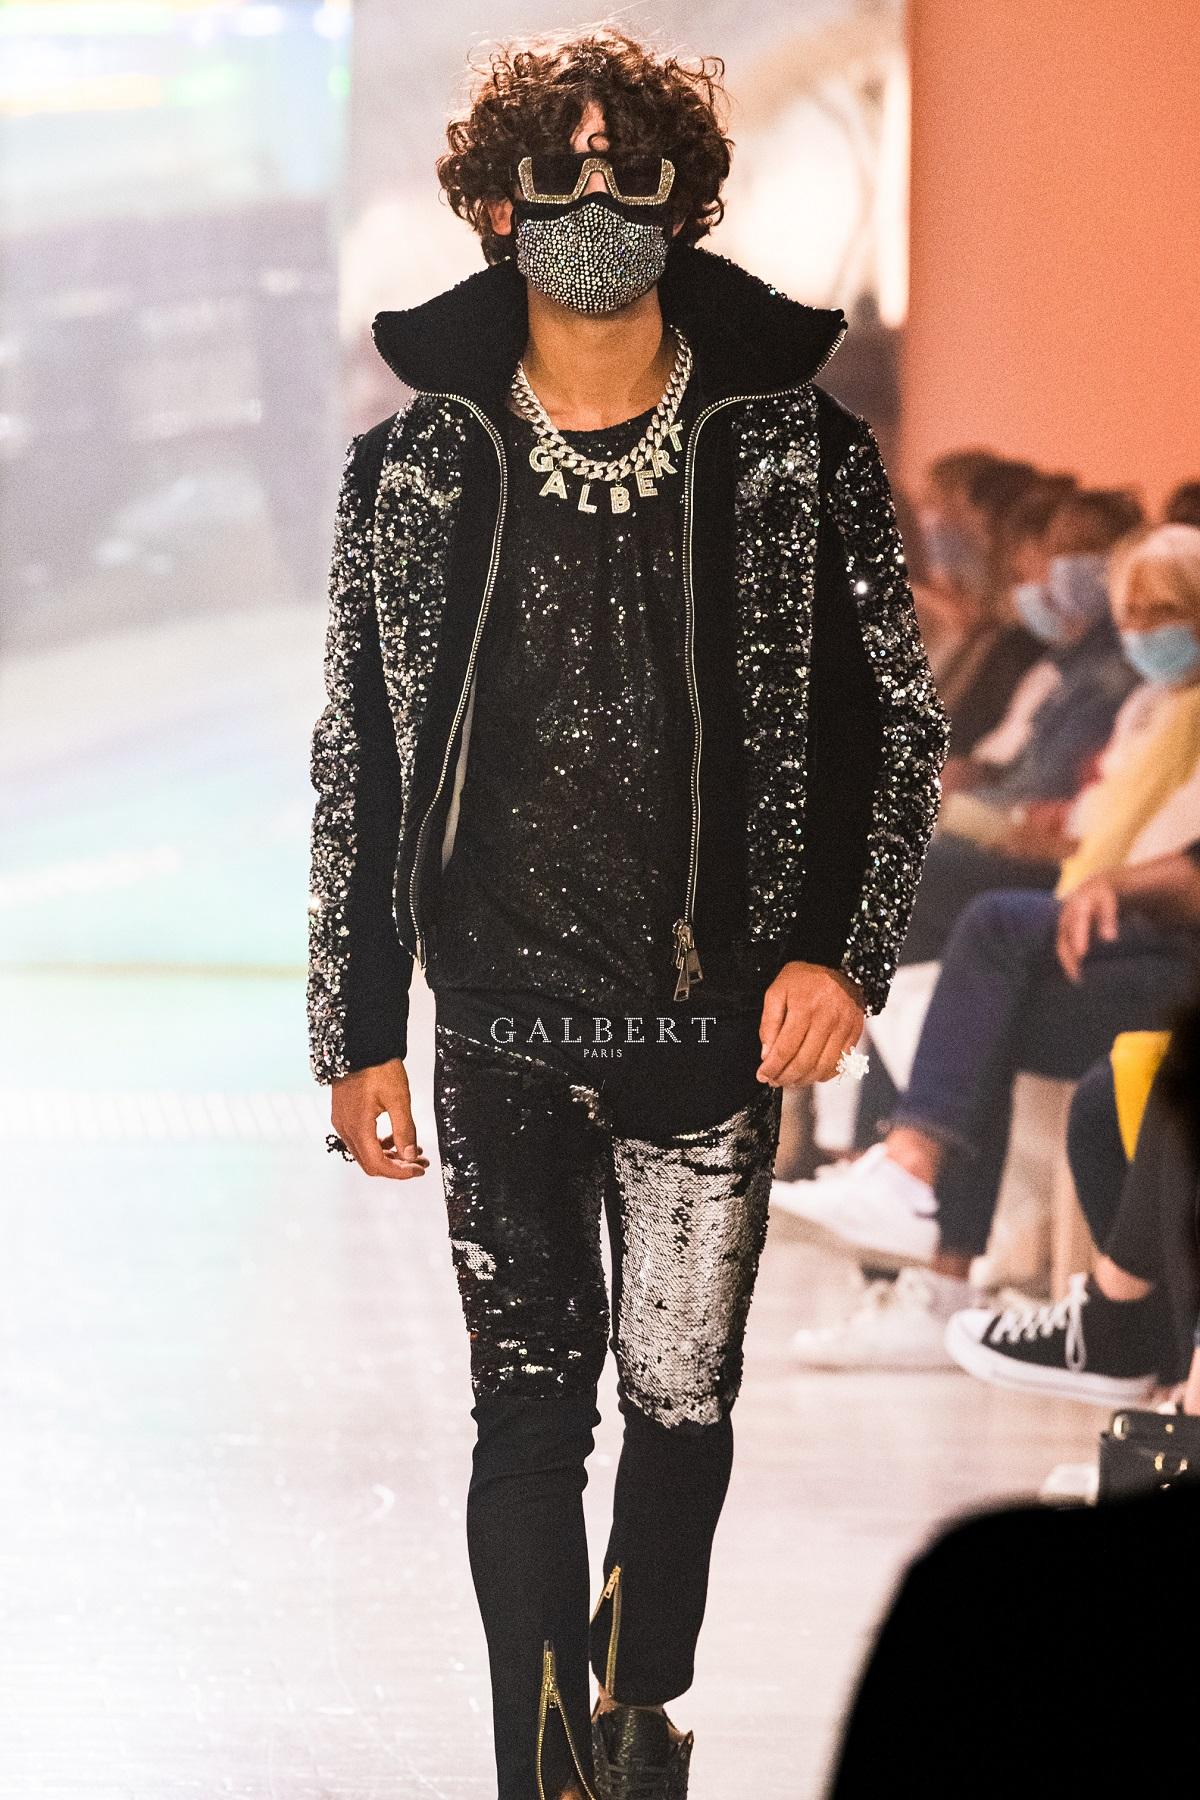 Theo_Galbert_runway_Fashionela